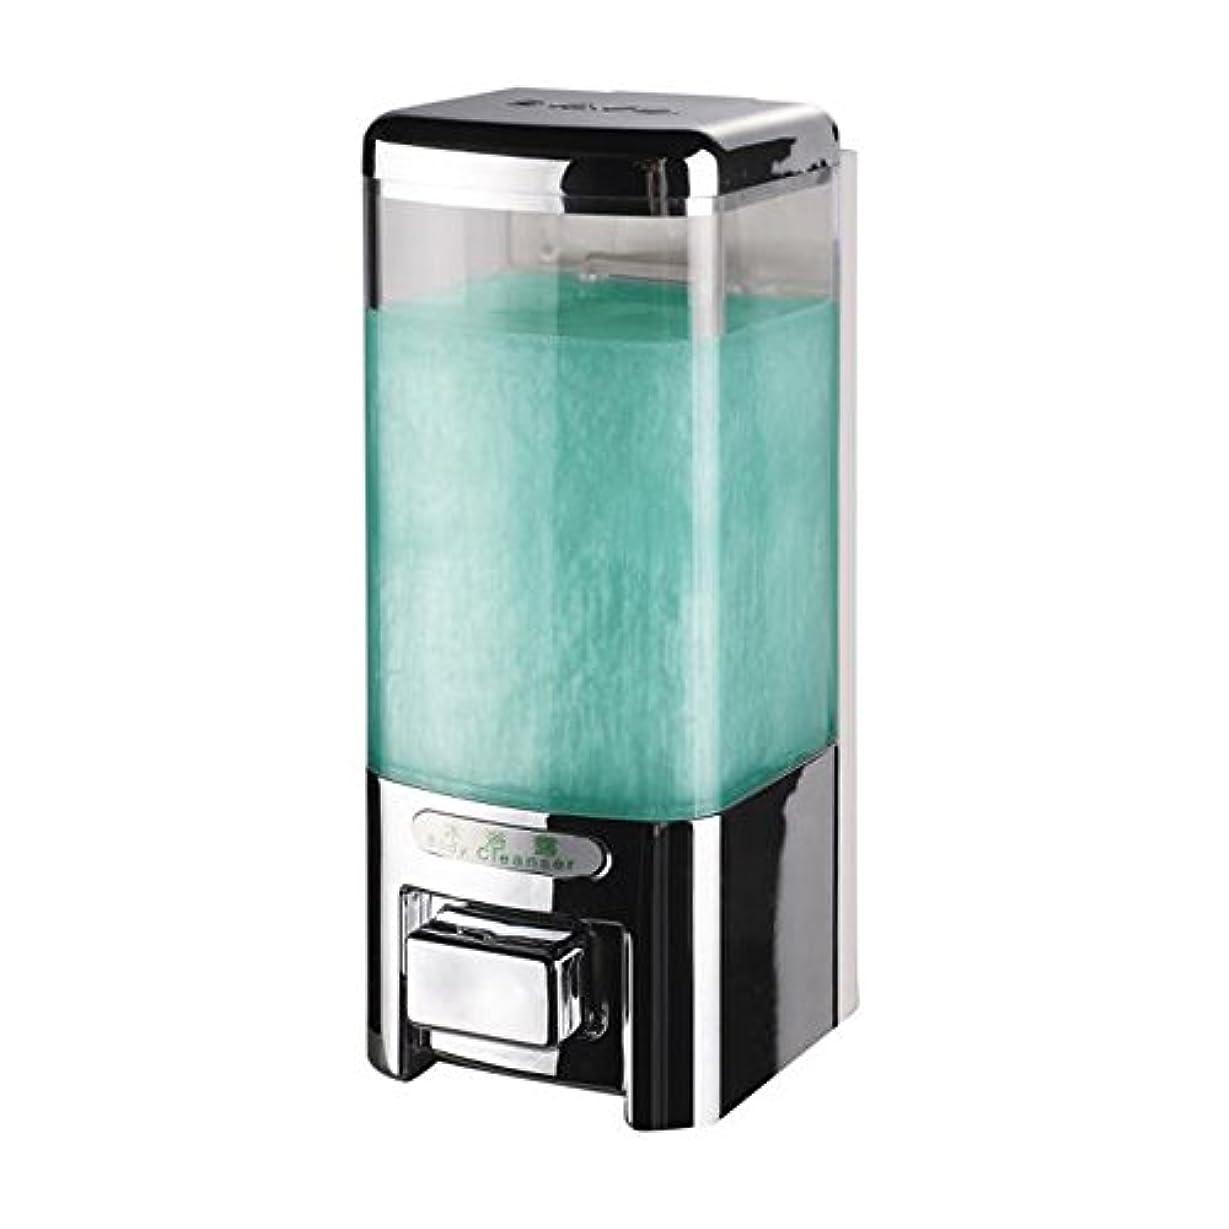 有益な哲学博士誤解するSvavo v-8101プラスチック壁マウントHand Soap Dispenser forホテルキッチンバスルームホワイト、クロム500 ml 1のパック V-8101-Chrome